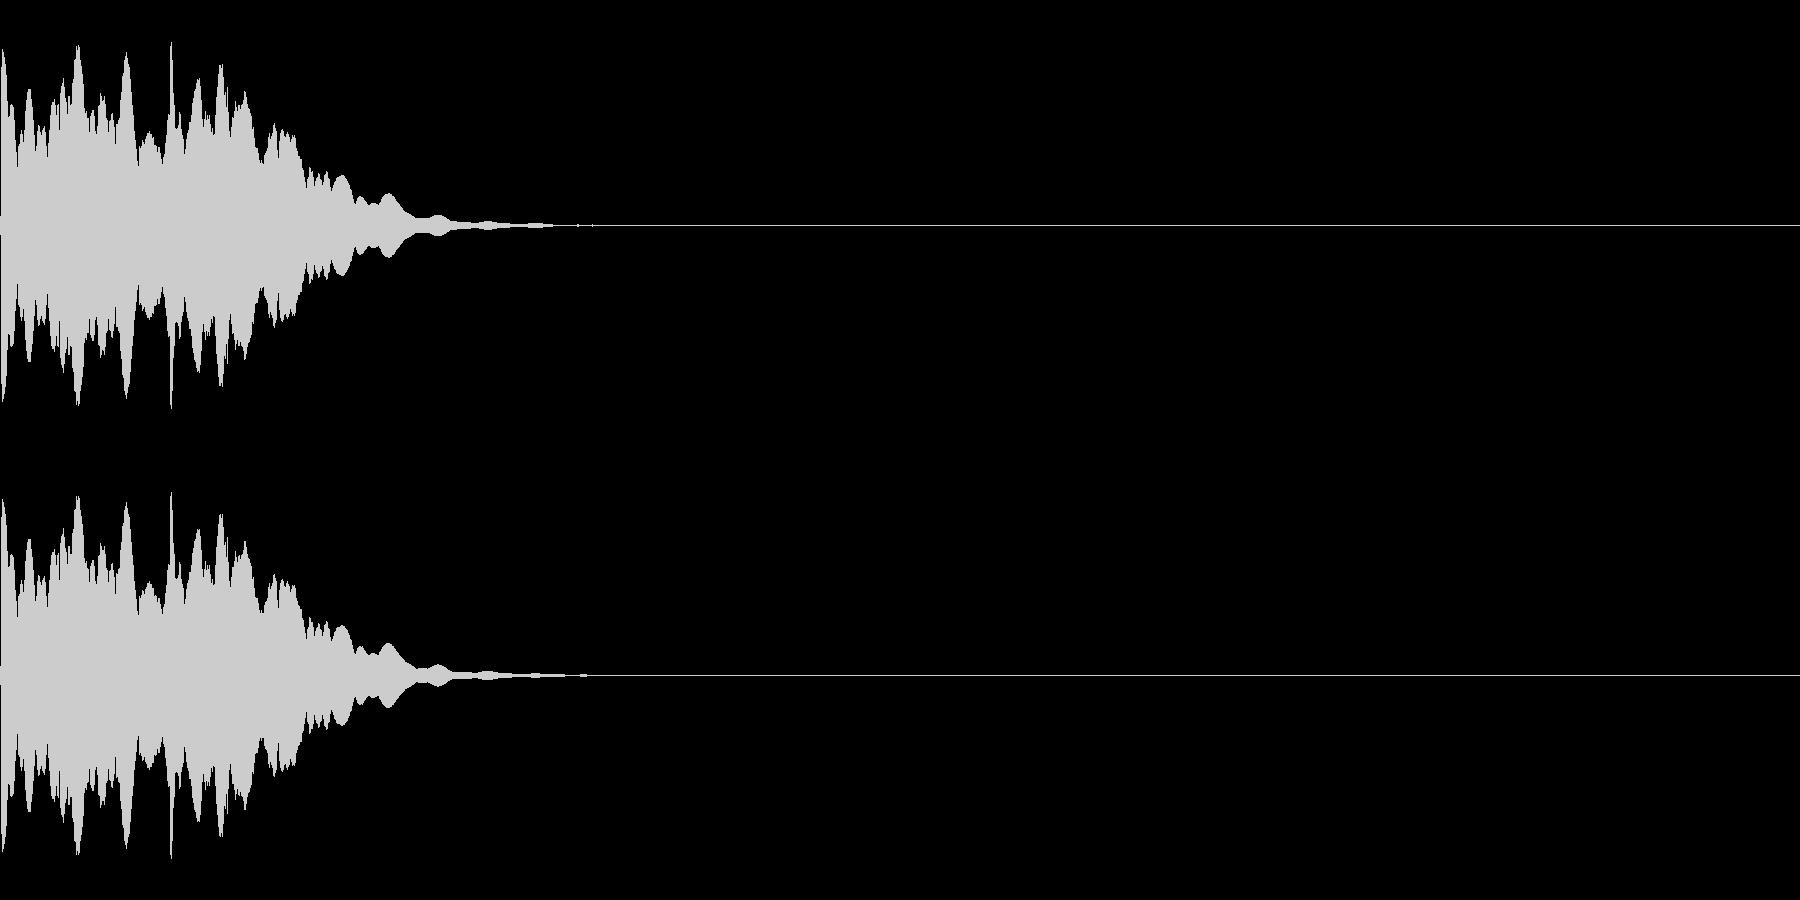 システム系アラーム音の未再生の波形